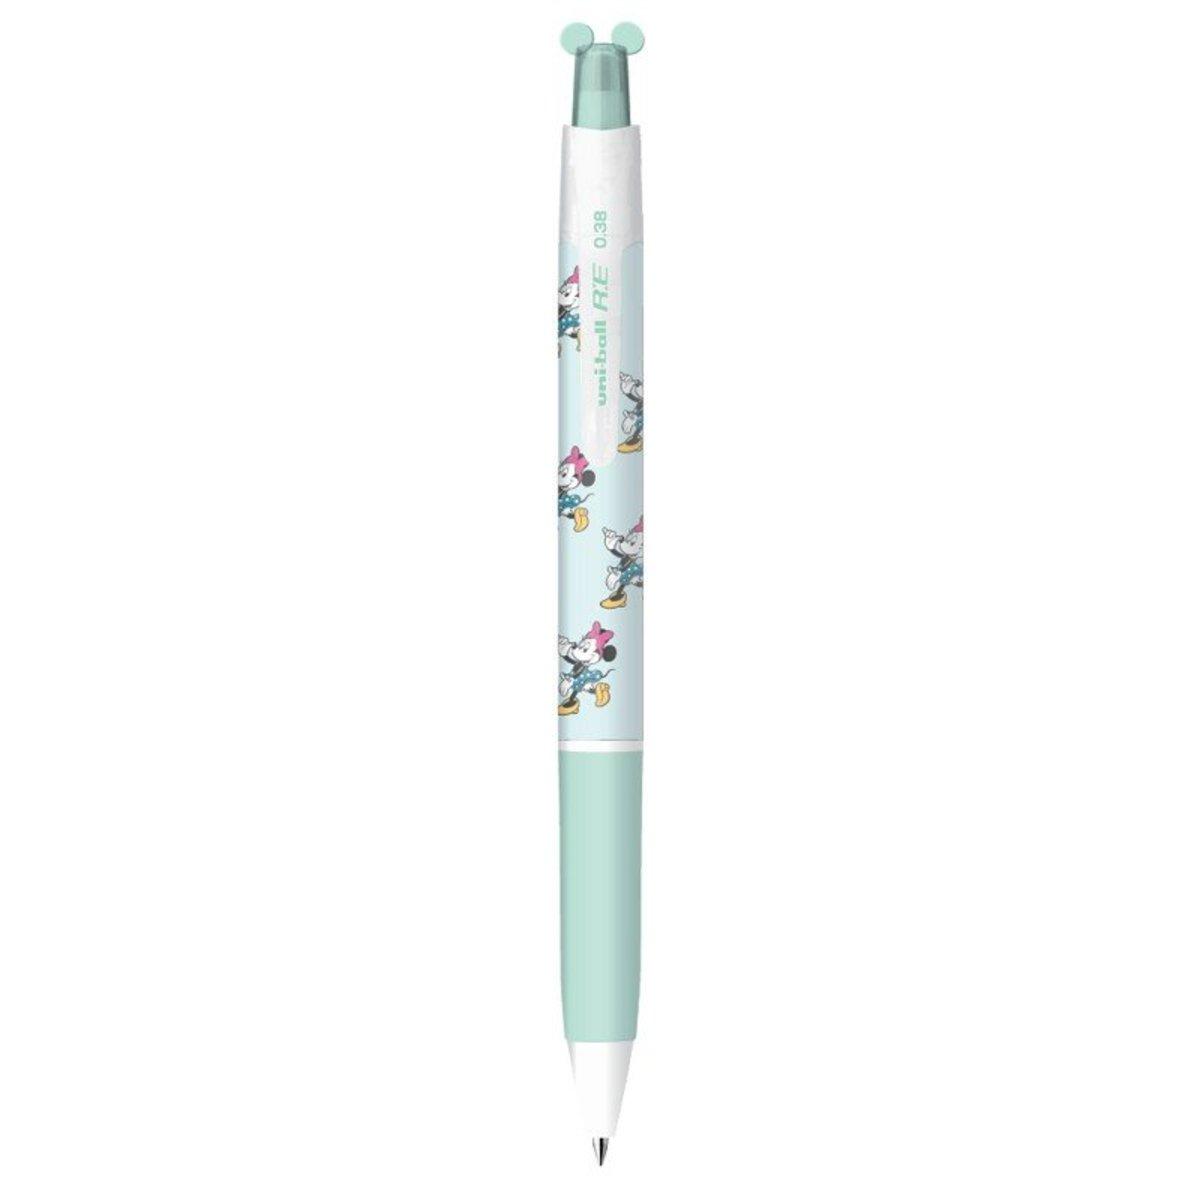 Japan UNI DISNEY Blue Design Minnie Mouse Erasable Pen Black Superfine 0.38mm